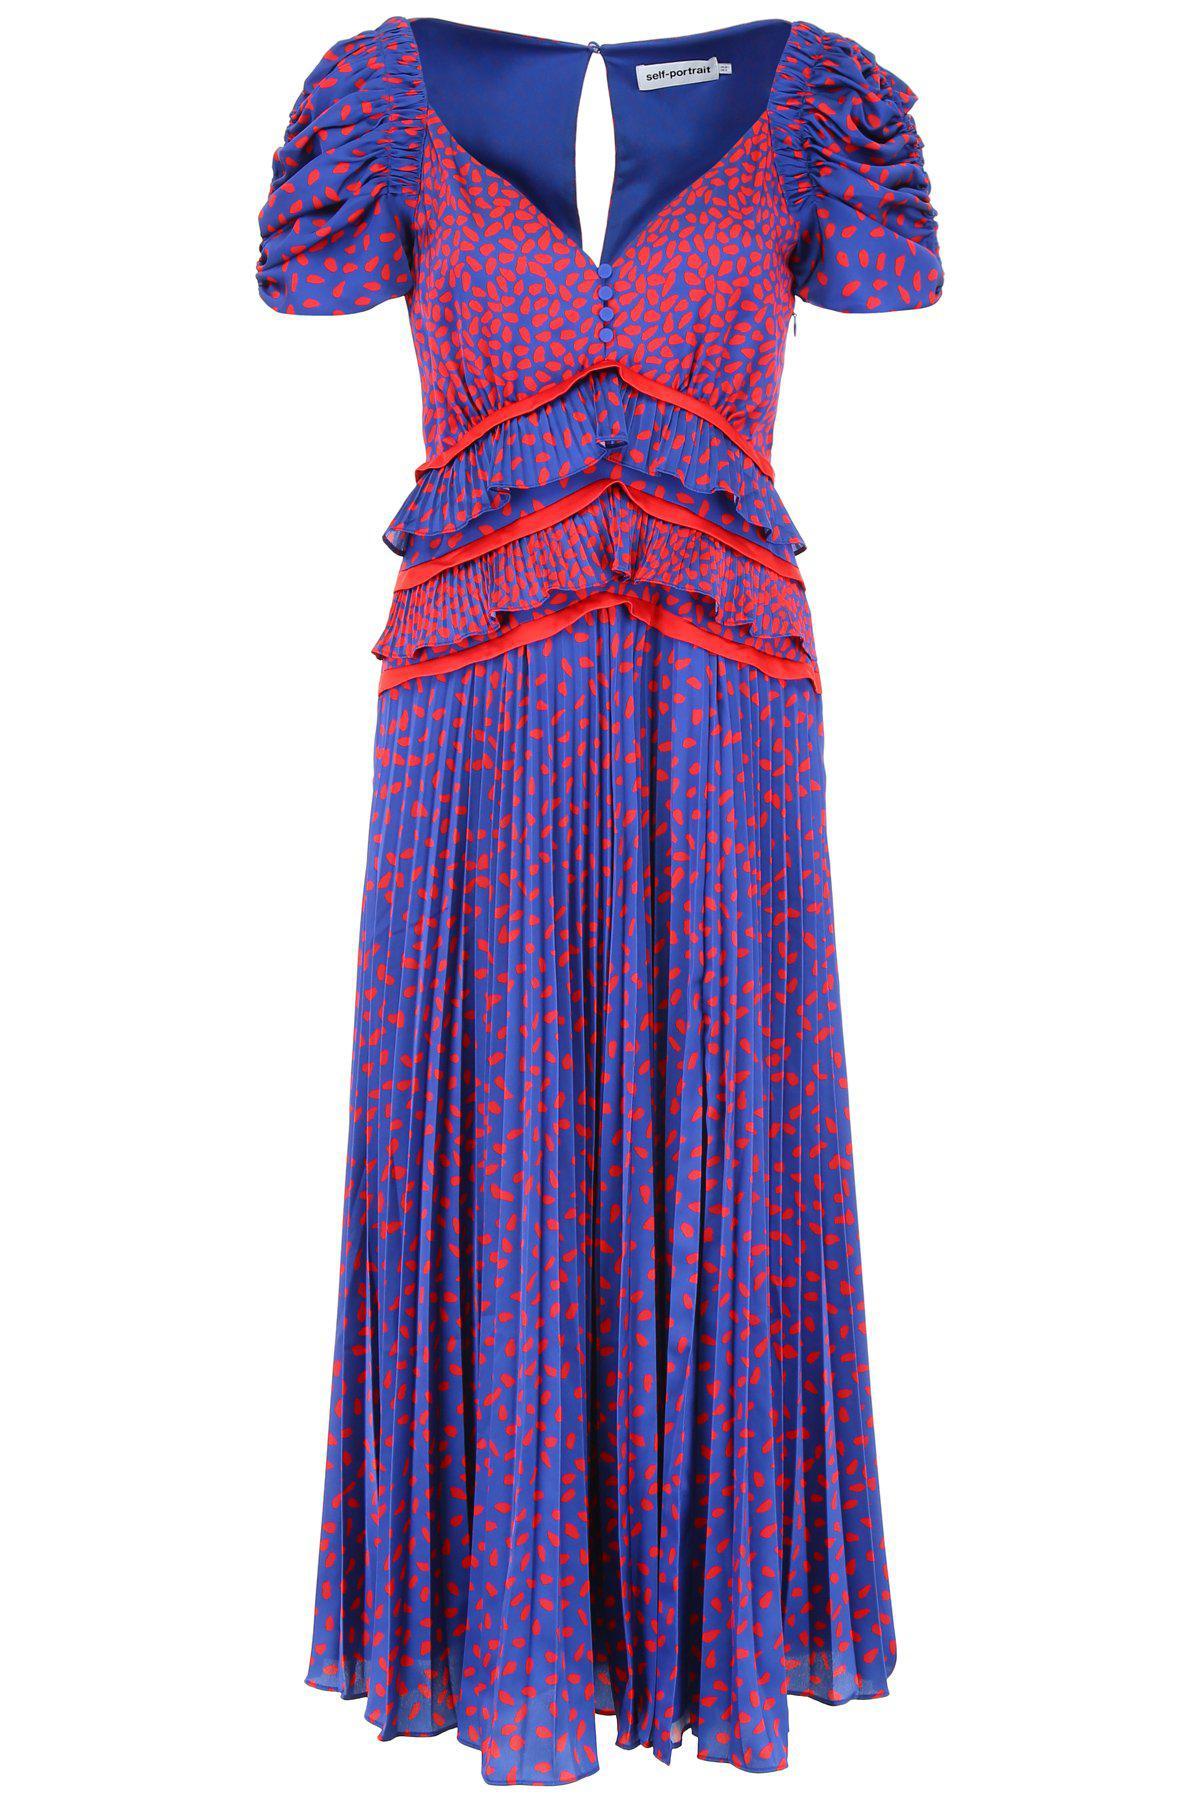 5ded29e10c9f Self-Portrait Ruffled Waist Dress in Purple - Lyst